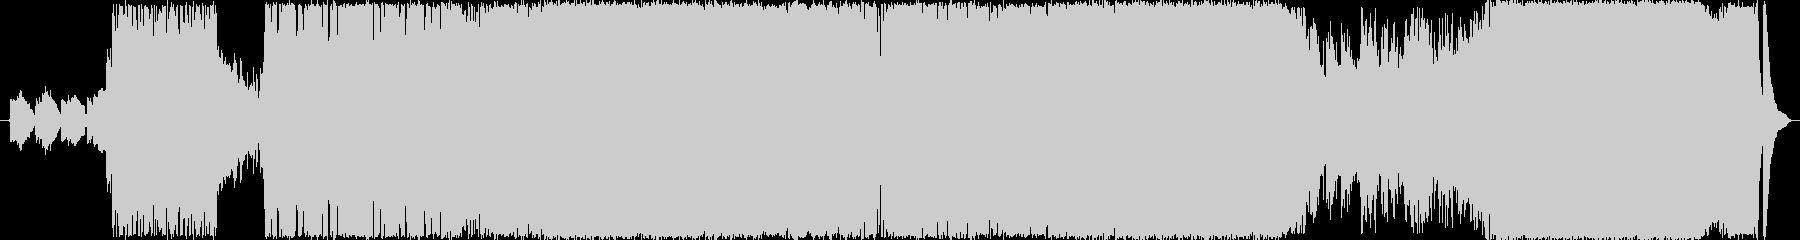 ロック/メタルでワイルドな曲の未再生の波形